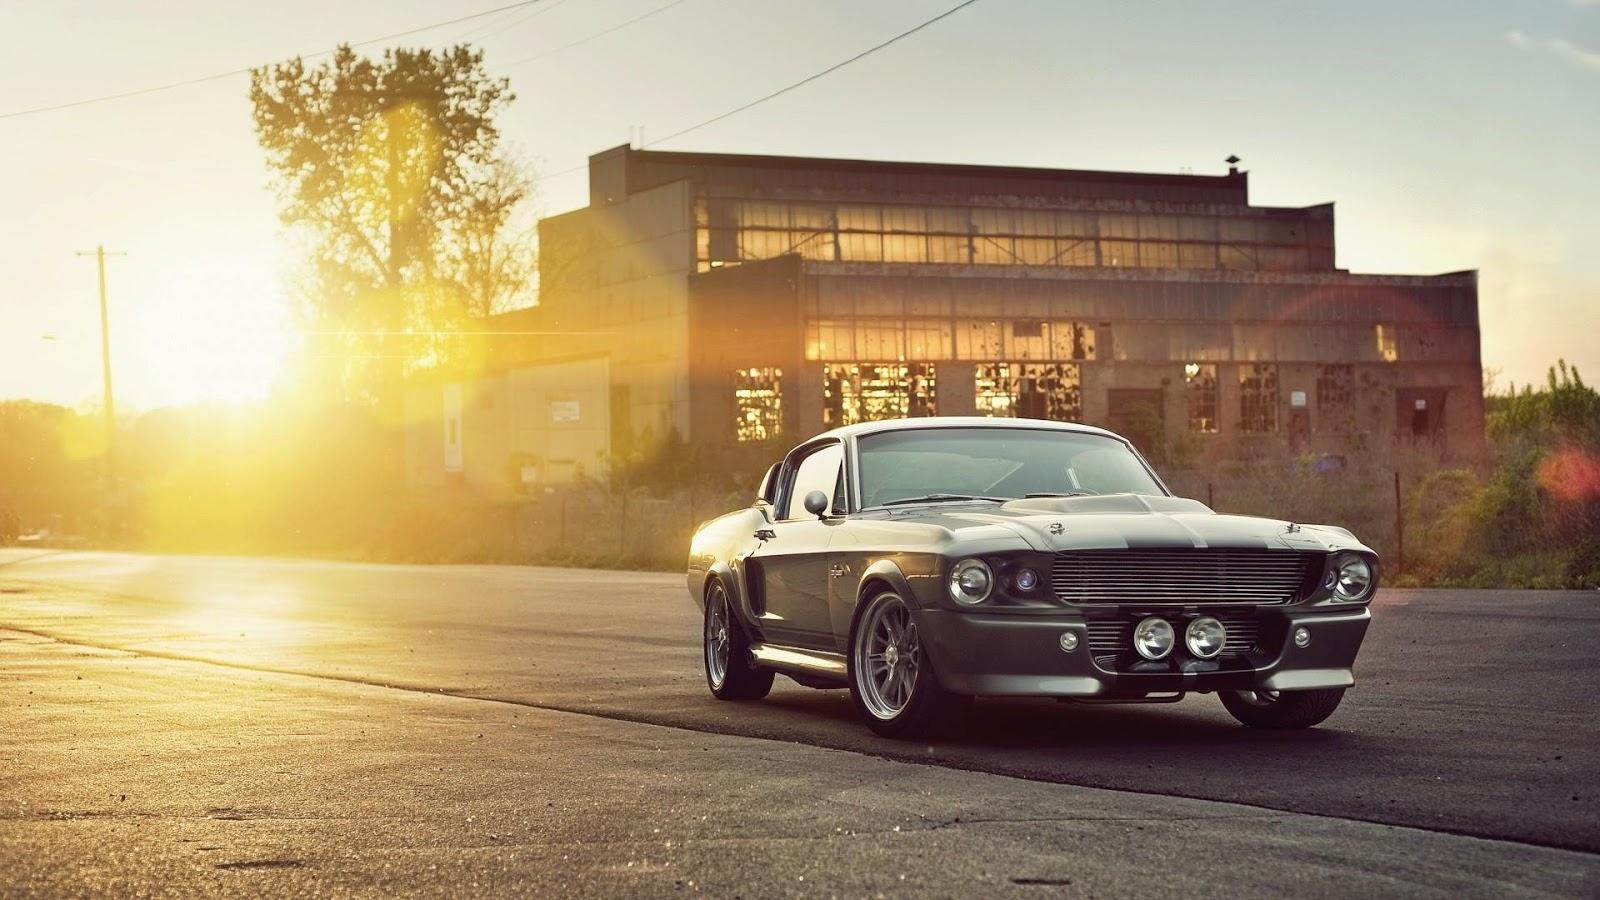 muscle car sunset uhd wall 4k car wallpaper, 4k cars, car wallpaper